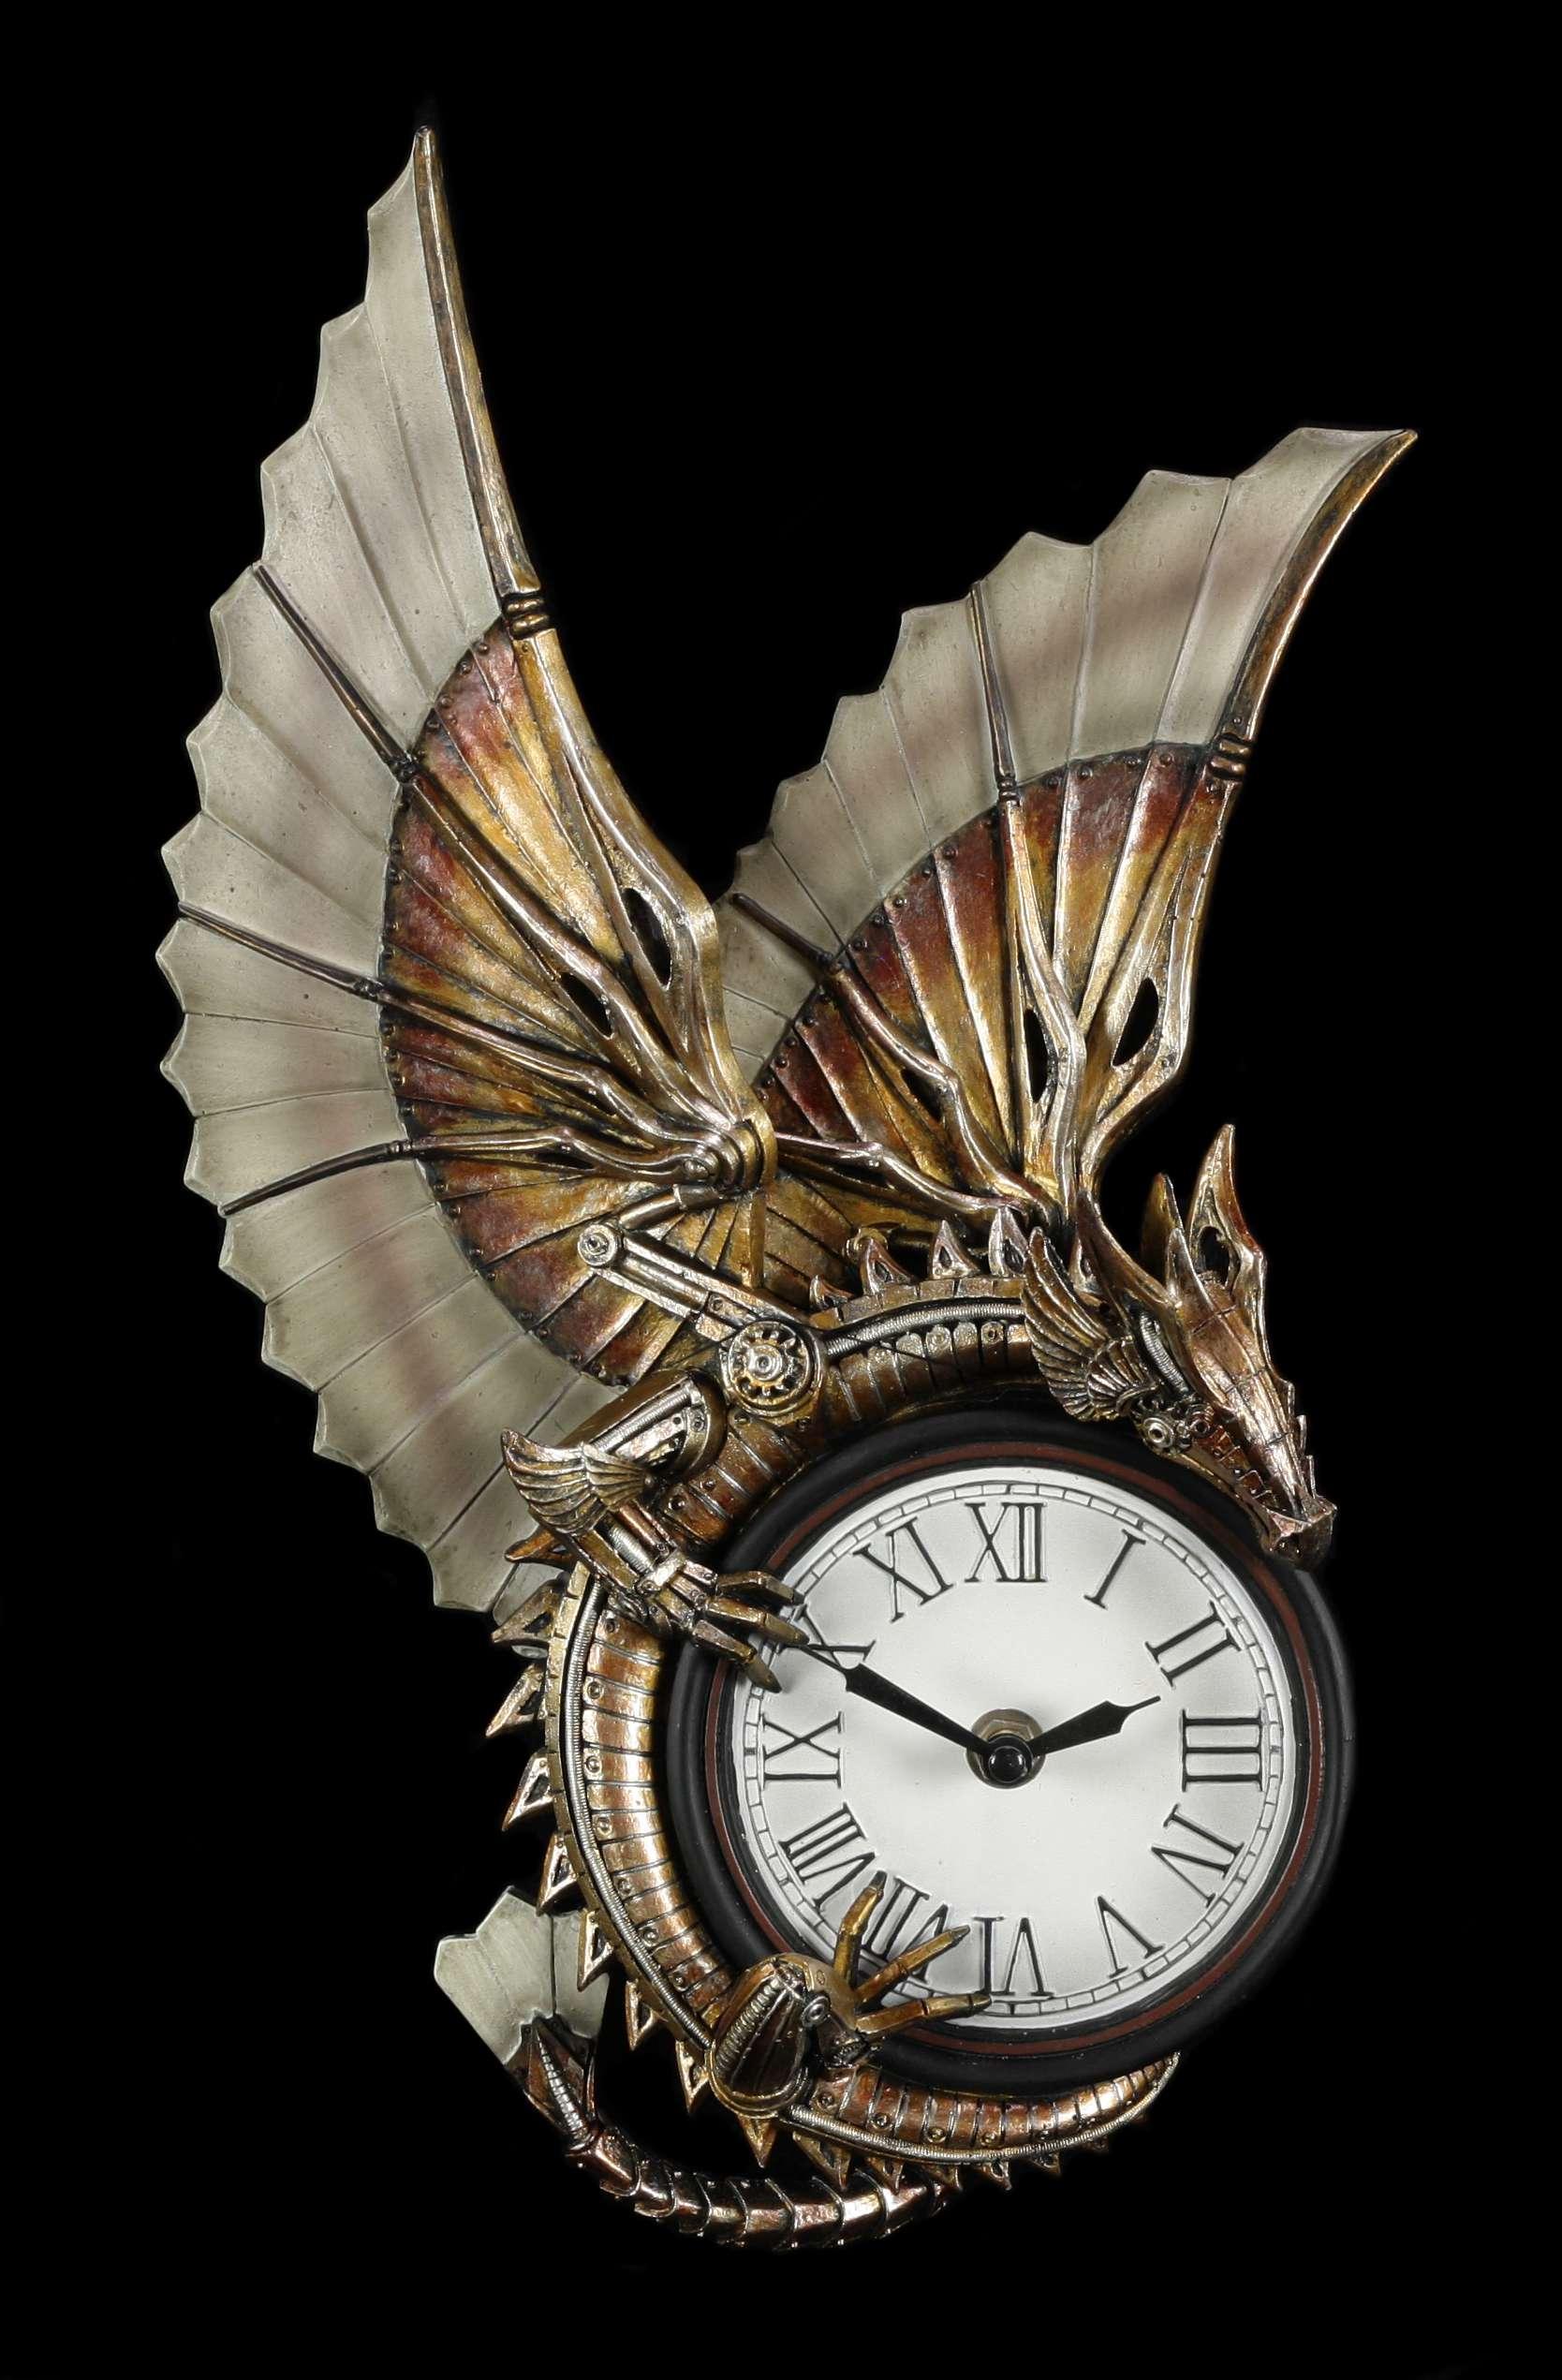 Encouragement Steampunk Wall Clock Clockwork Dragon Gothic Fantasy Resin Wall Clocks Buy Online Vintage Steampunk Wall Clock Steampunk Astrolabe Wall Clock houzz-03 Steampunk Wall Clock